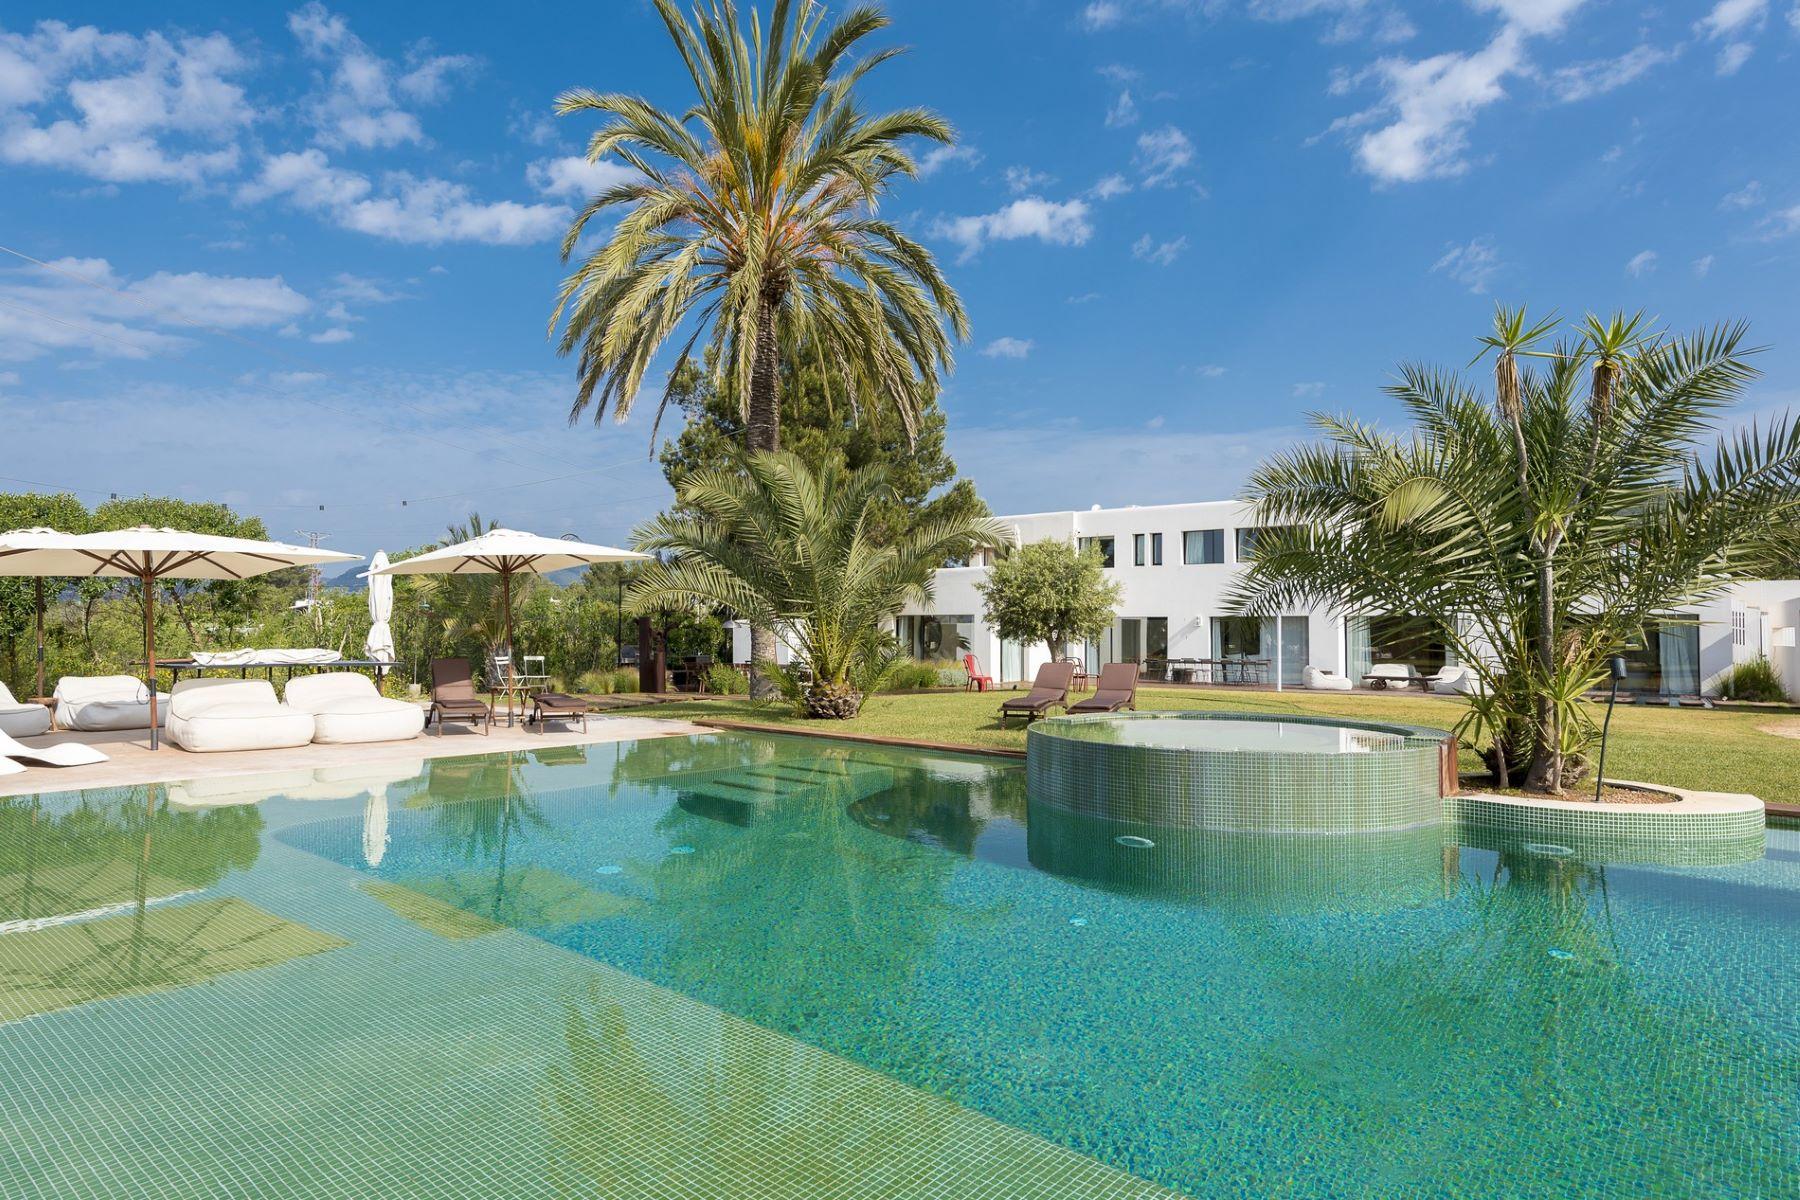 Tek Ailelik Ev için Satış at Beautiful house near Cala Jondal Ibiza, Balearic Islands, 07800 Ispanya